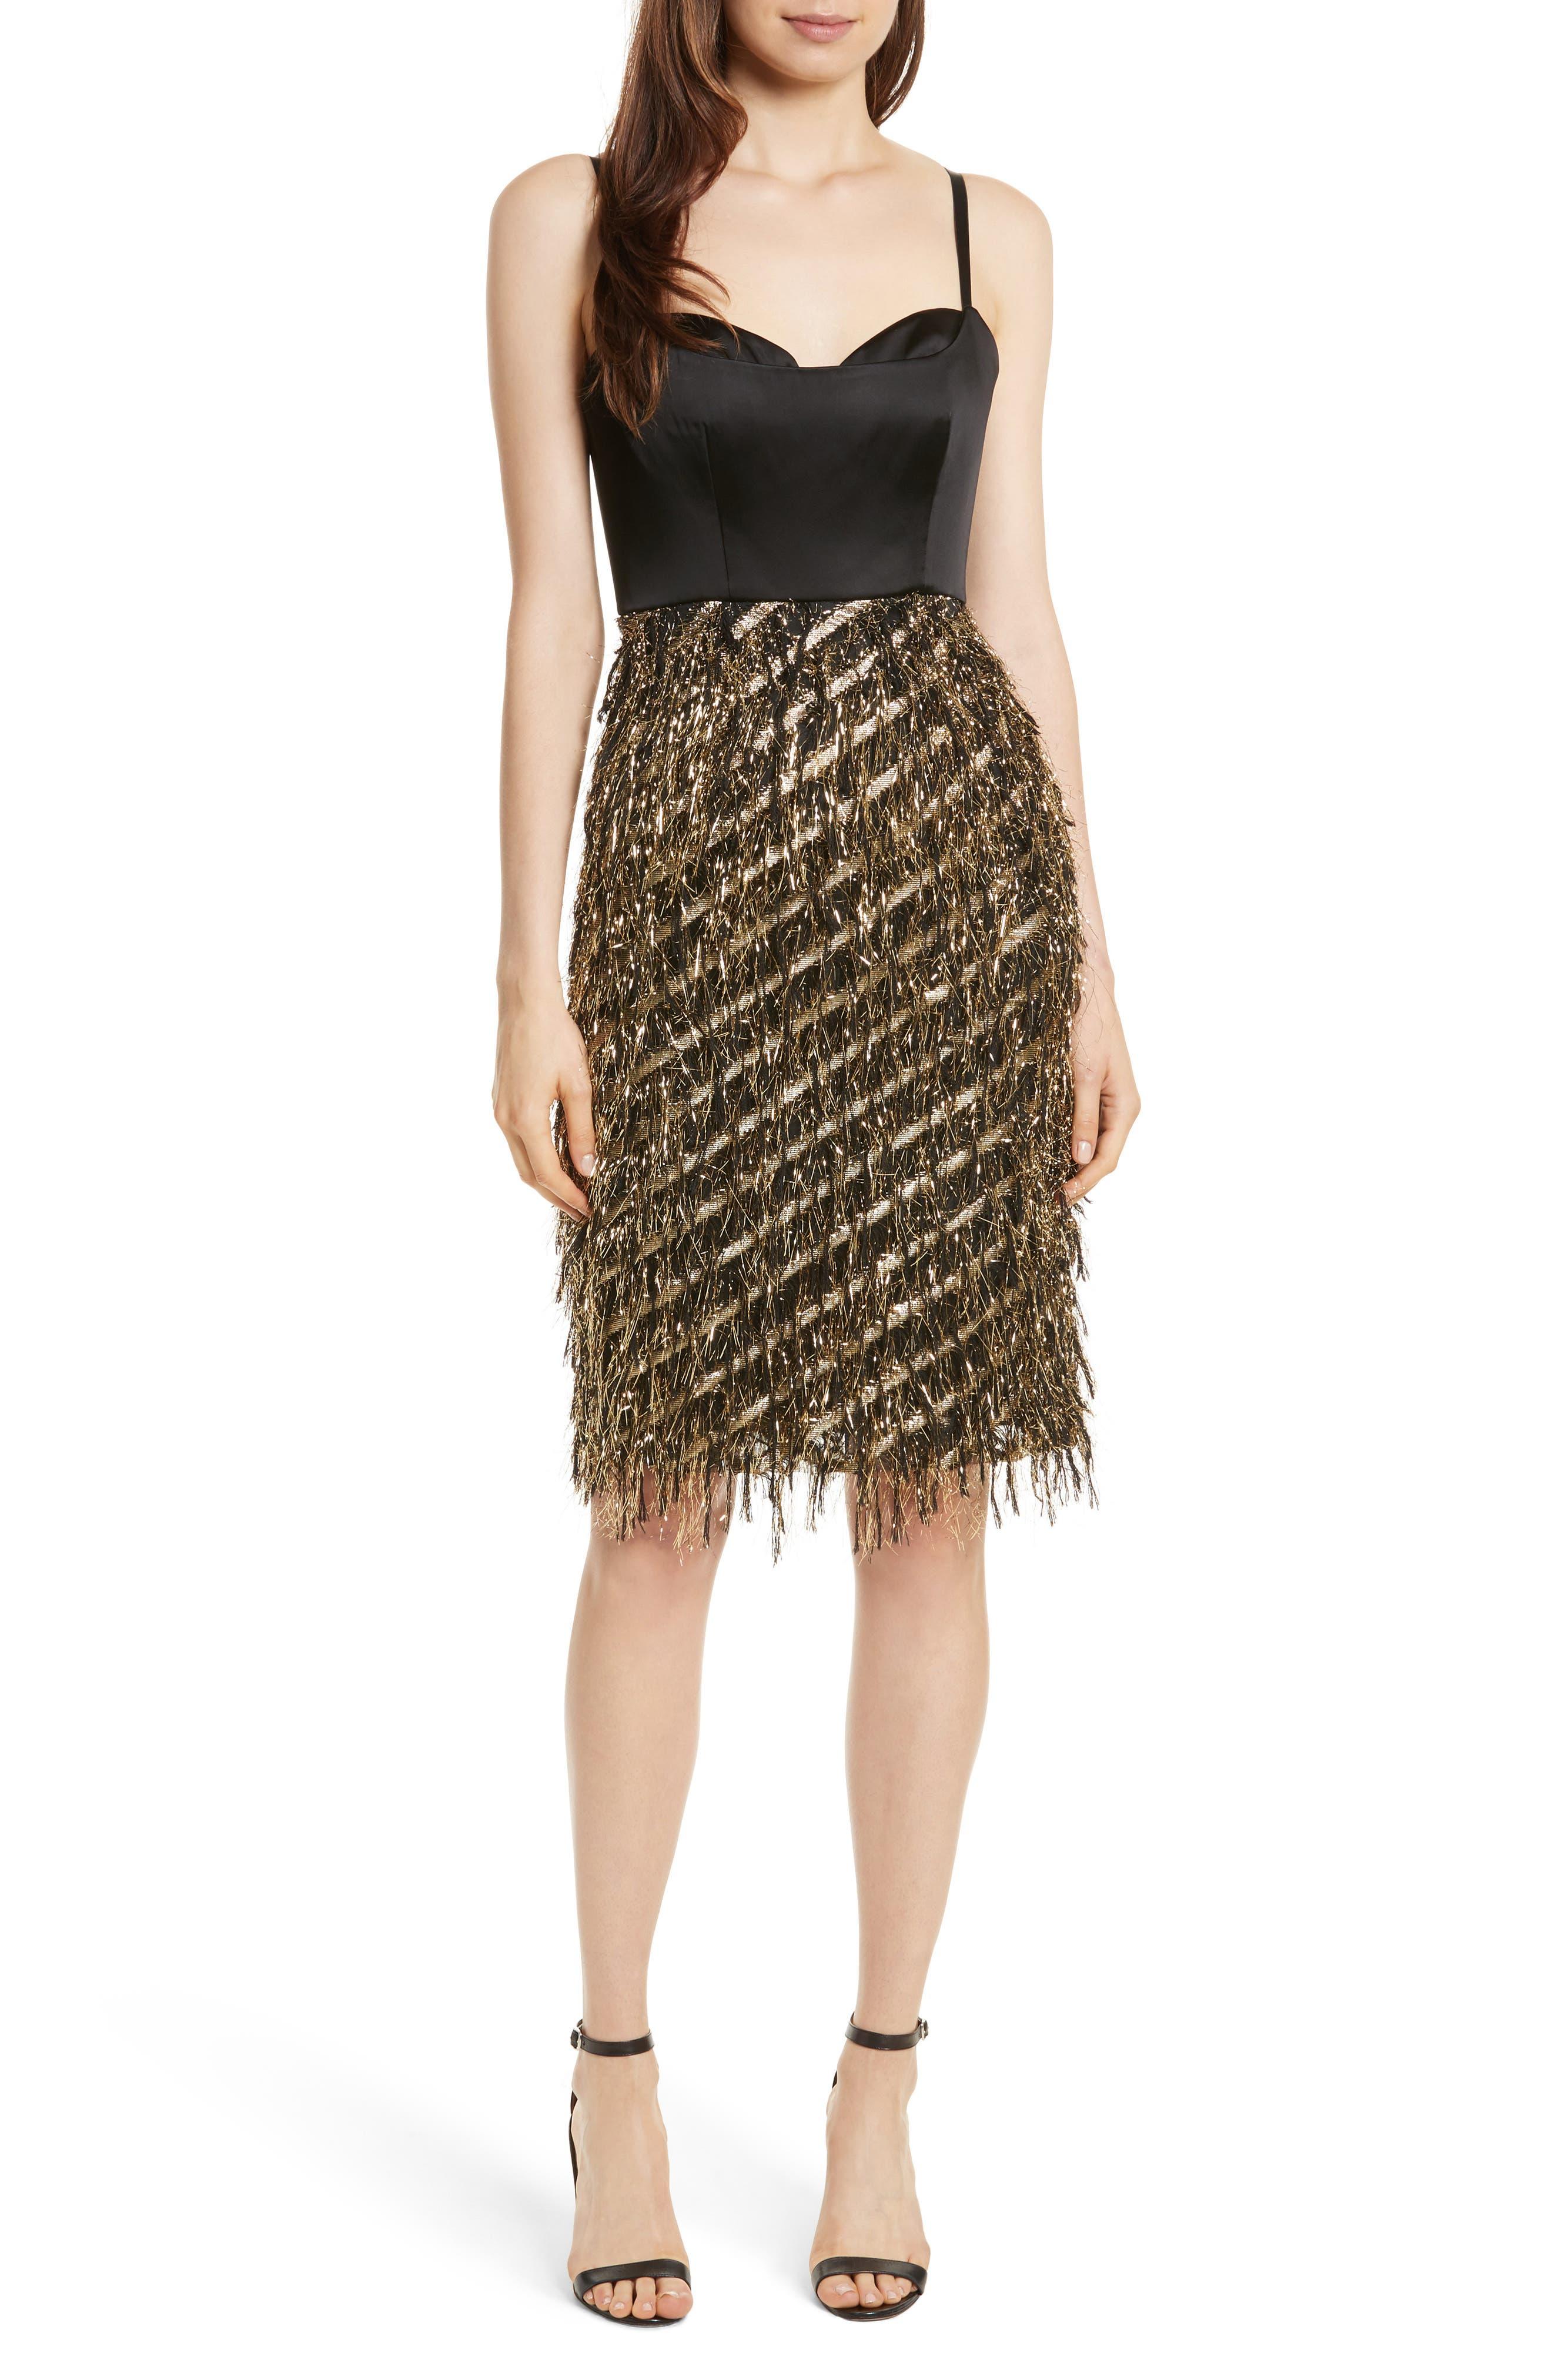 Tara Diagonal Metallic Dress,                         Main,                         color, Black